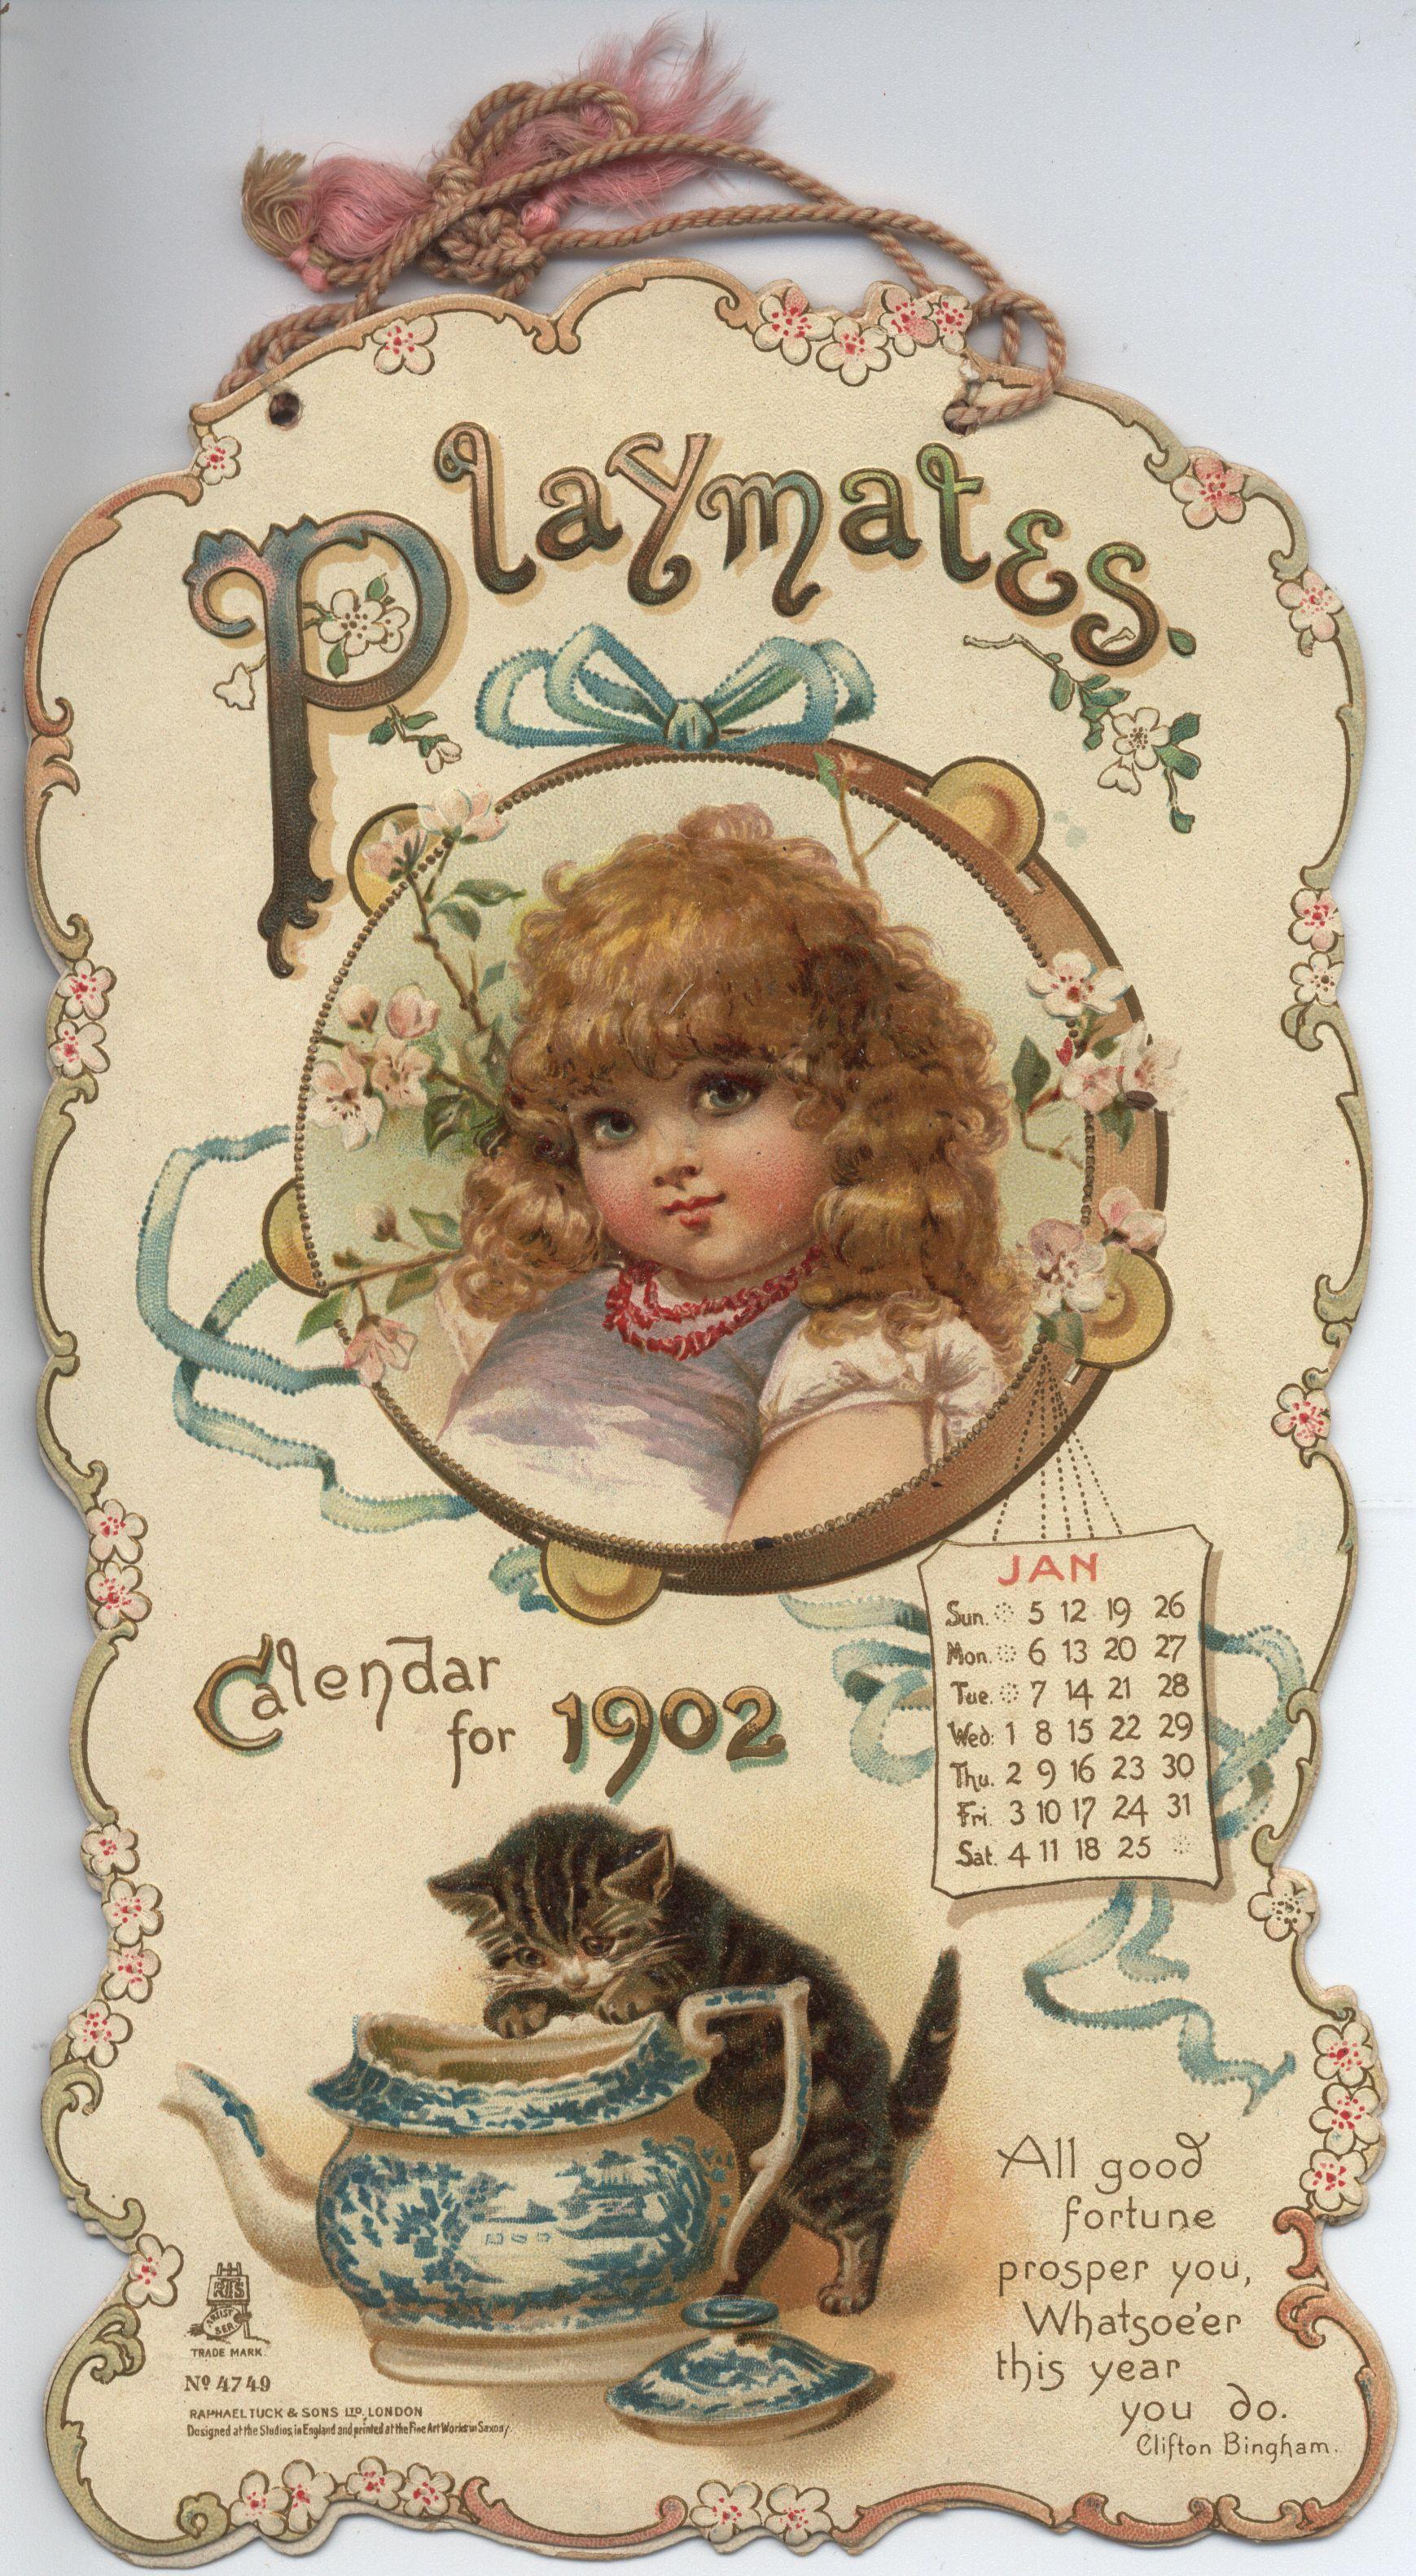 PLAYMATES CALENDAR FOR 1902